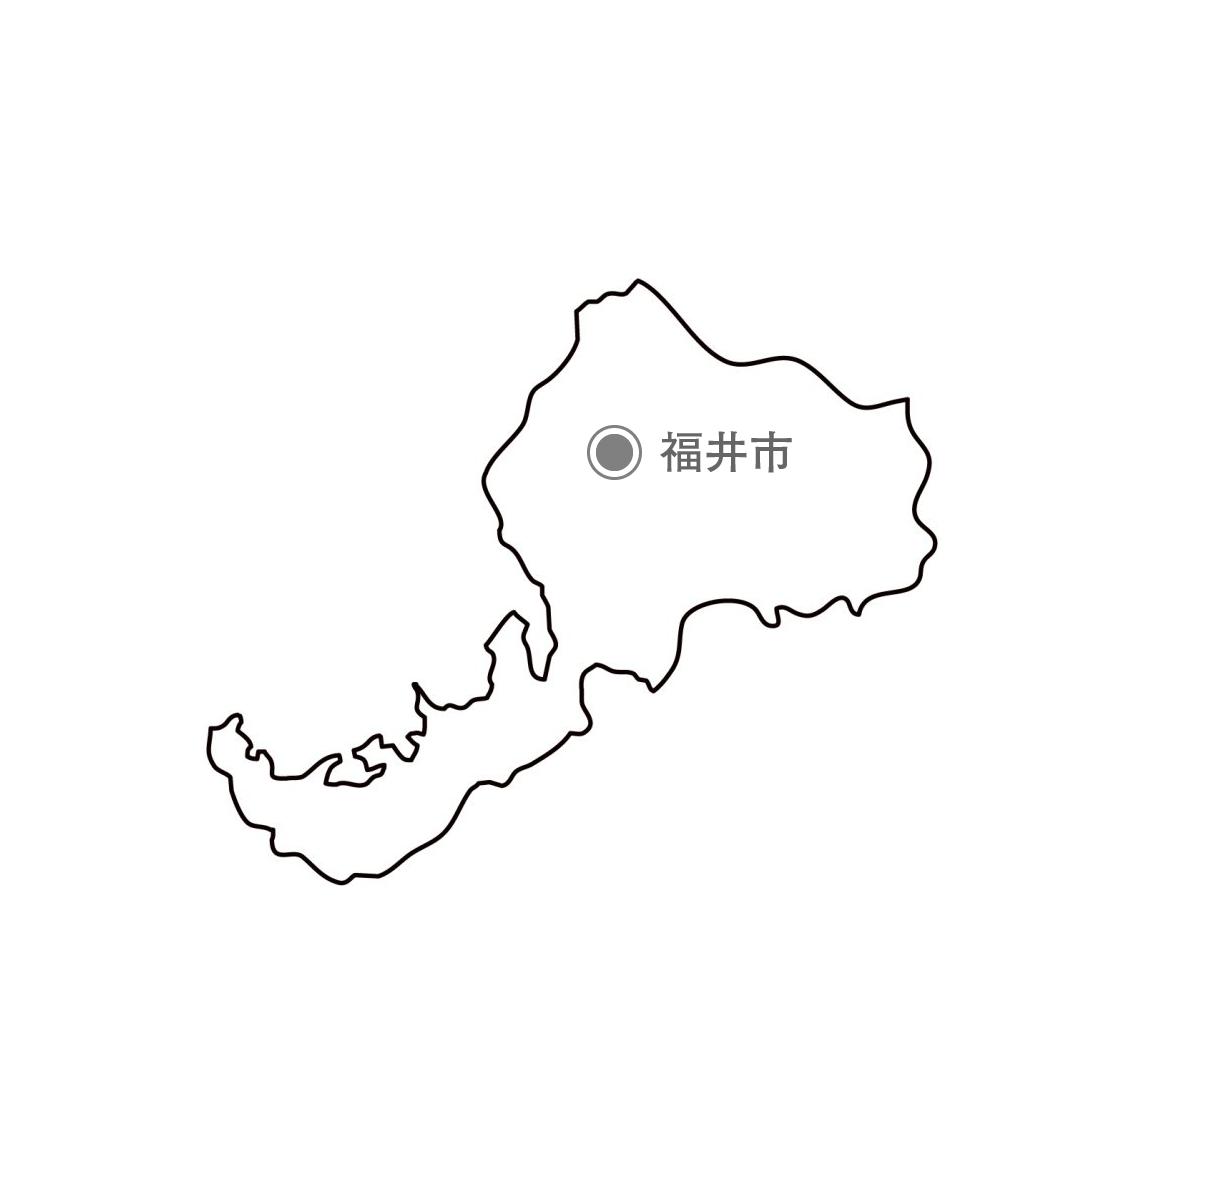 [白地図]福井県・都道府県名・県庁所在地あり